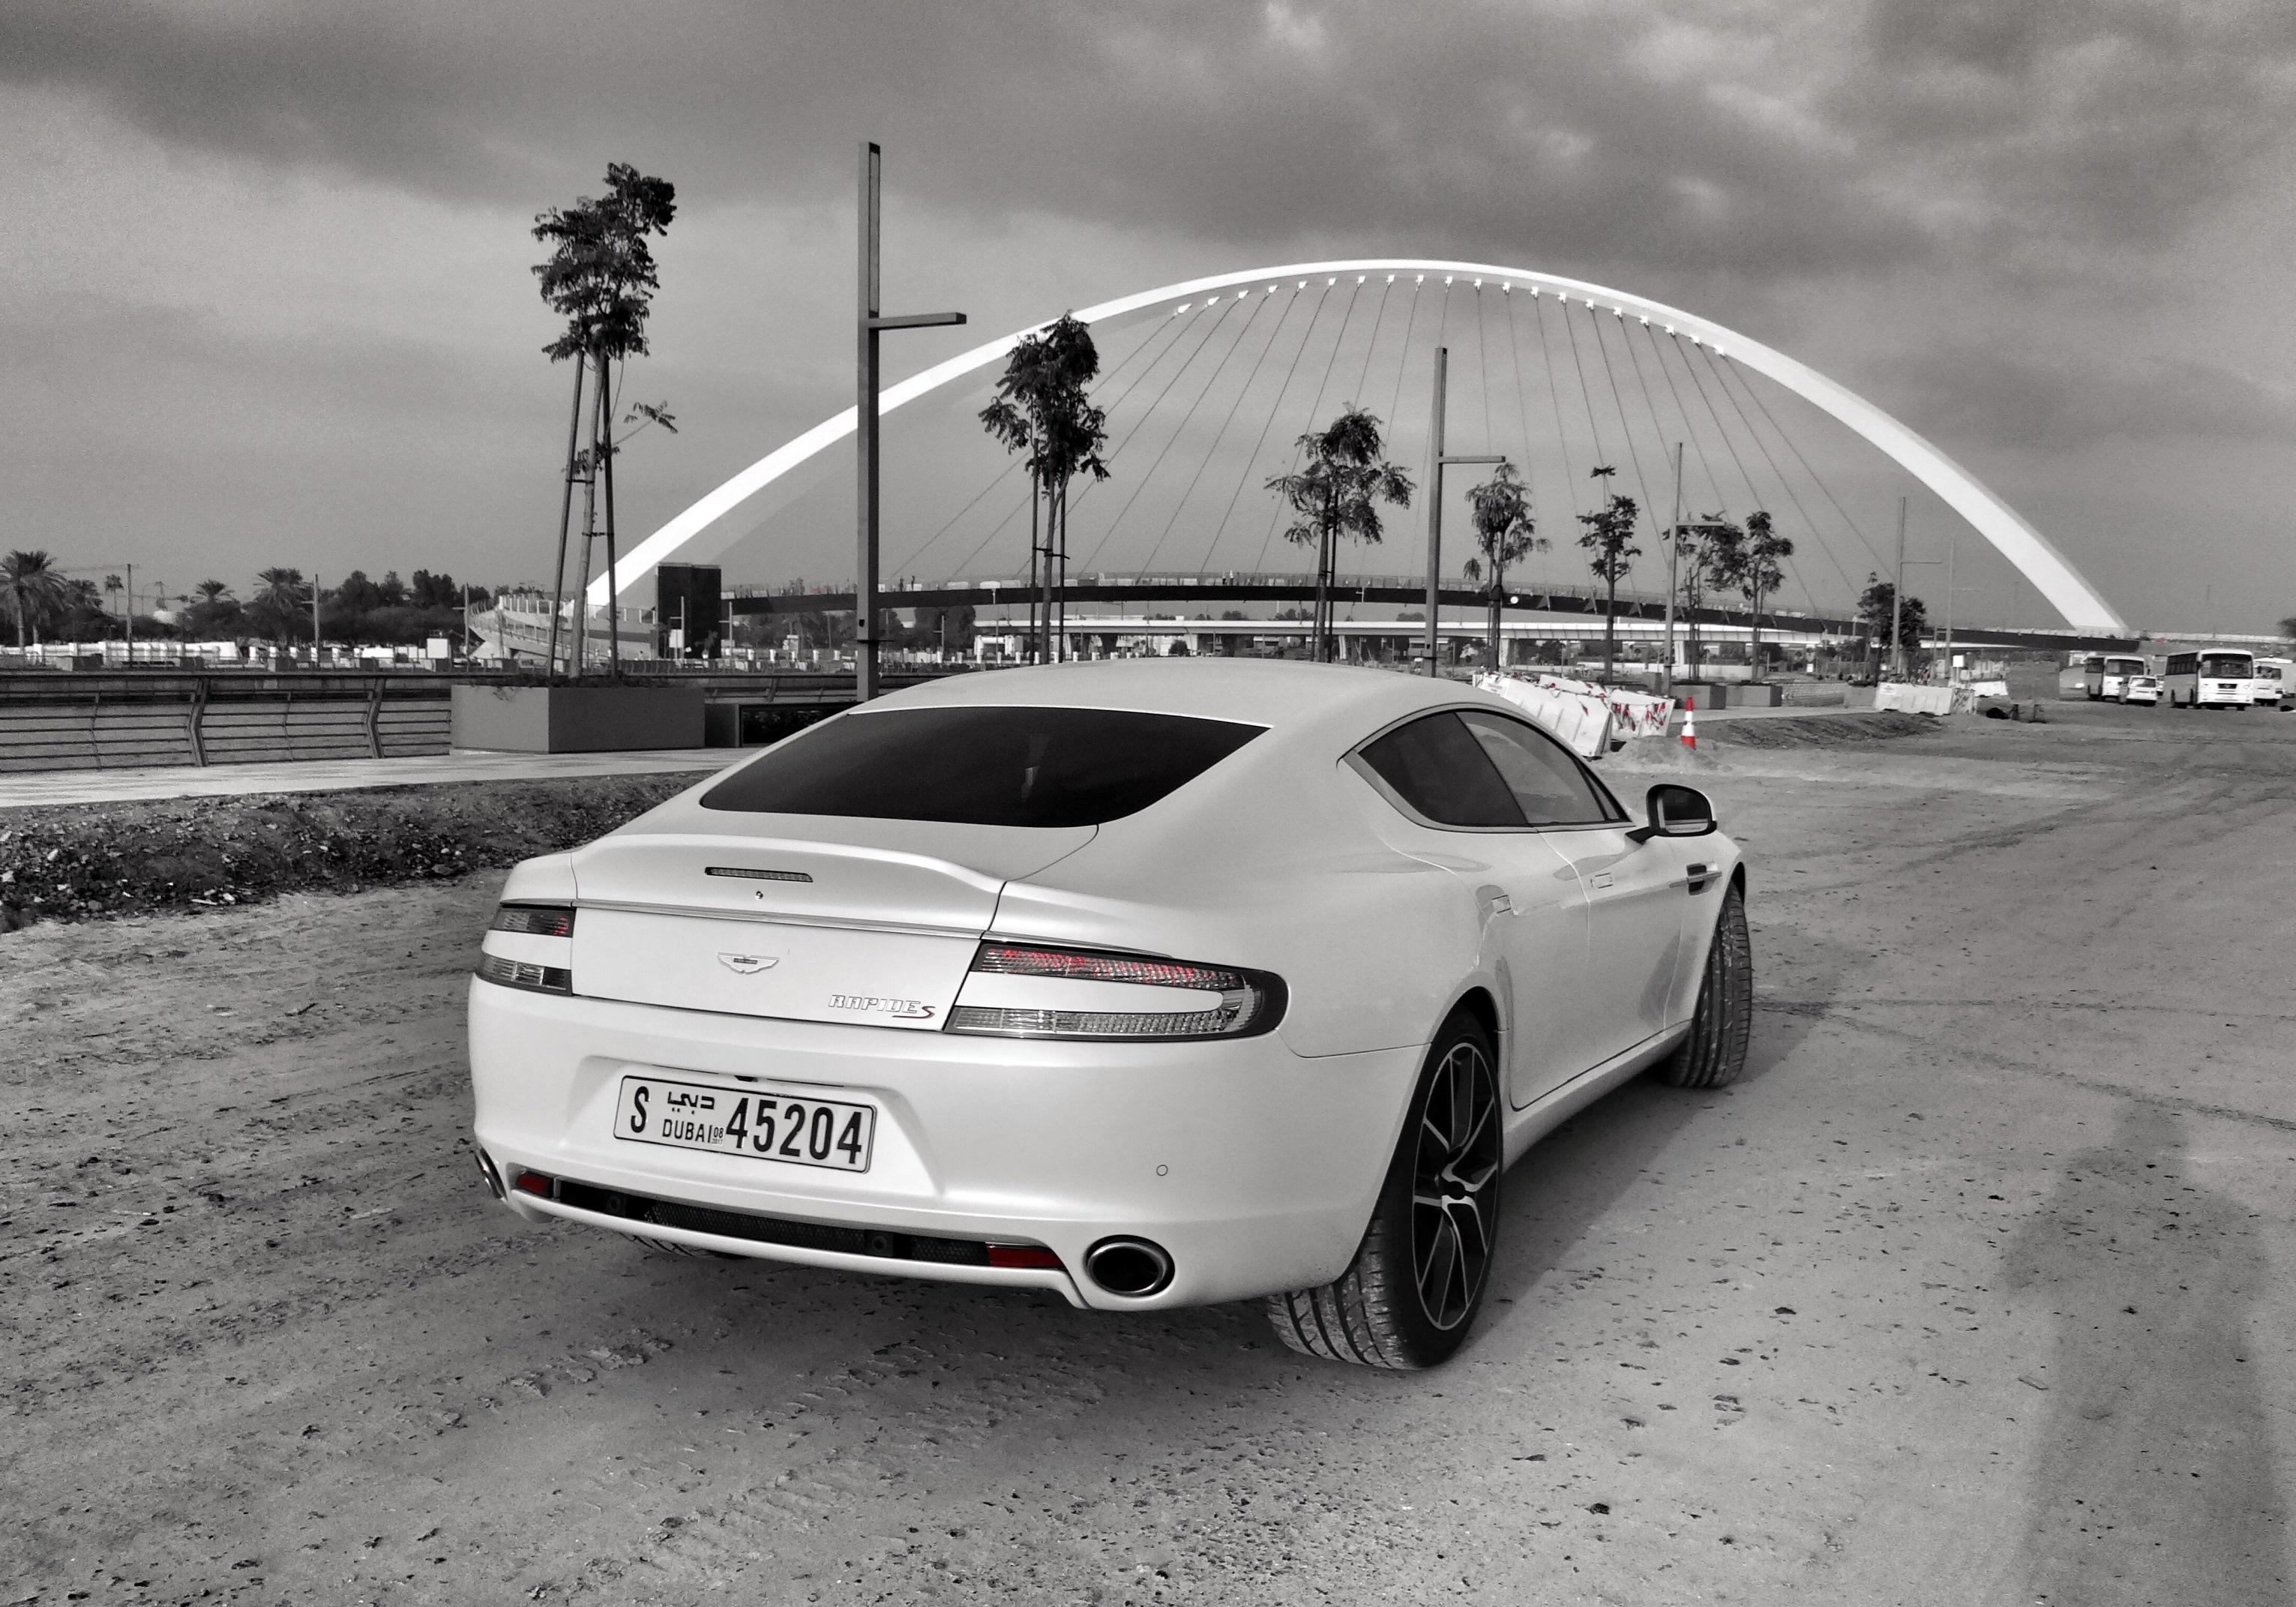 2017 Aston Martin Rapide S - Rear